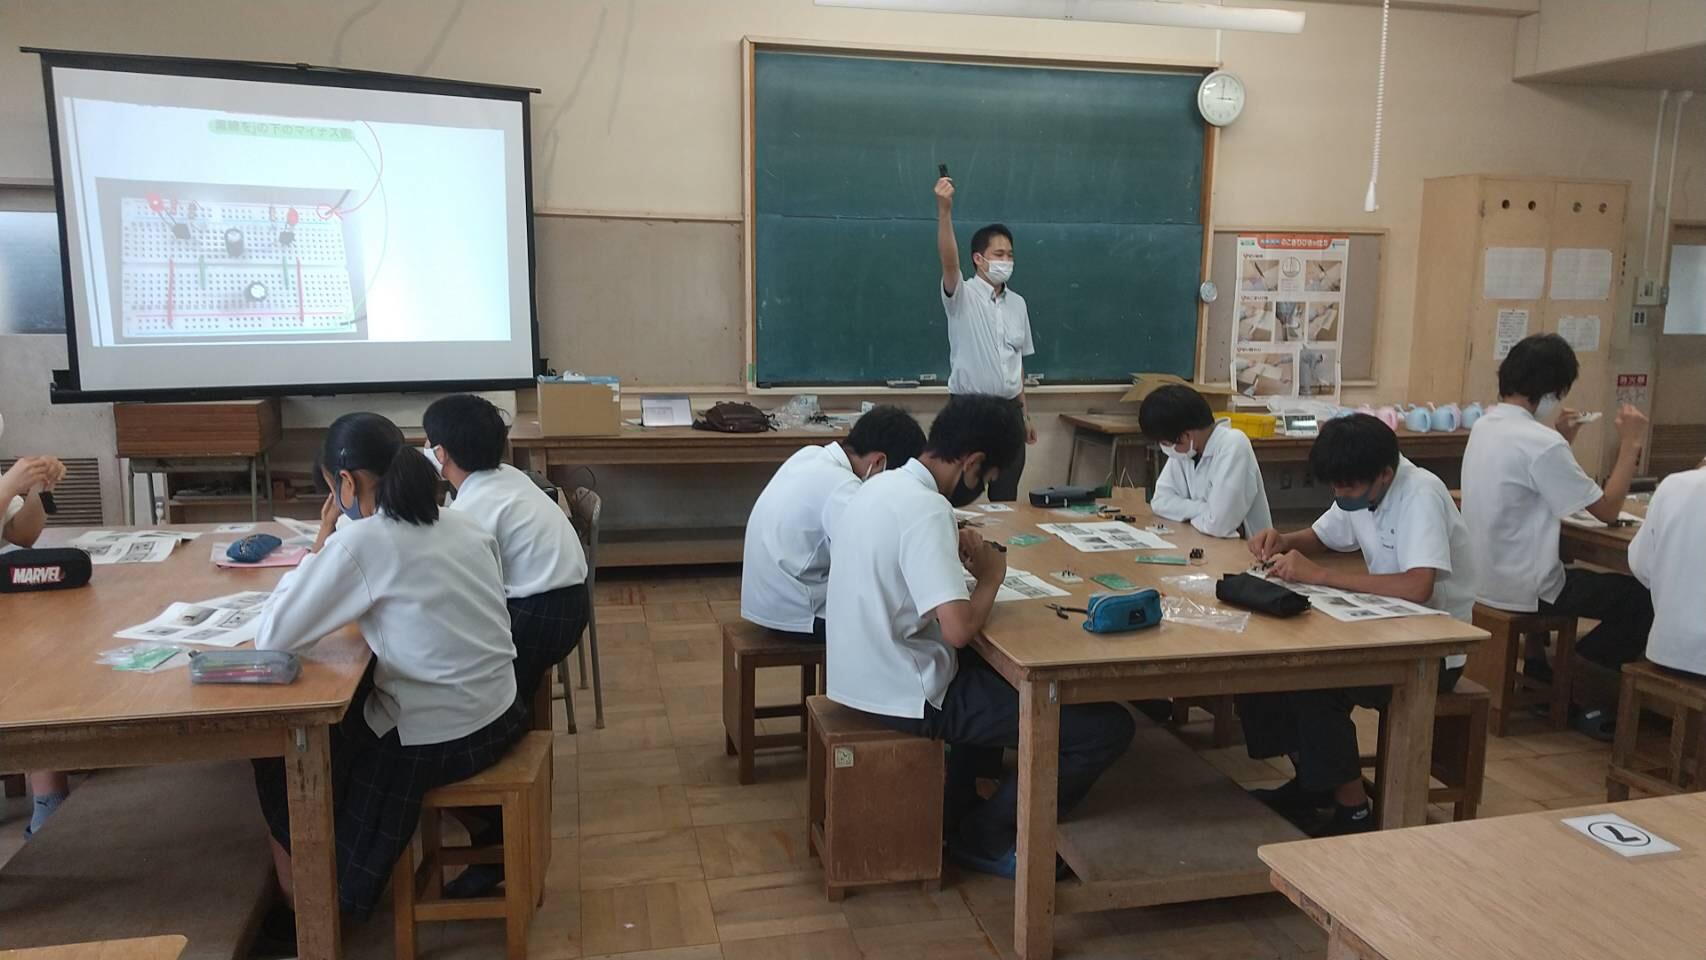 Eオンライン出前授業摂津3中1